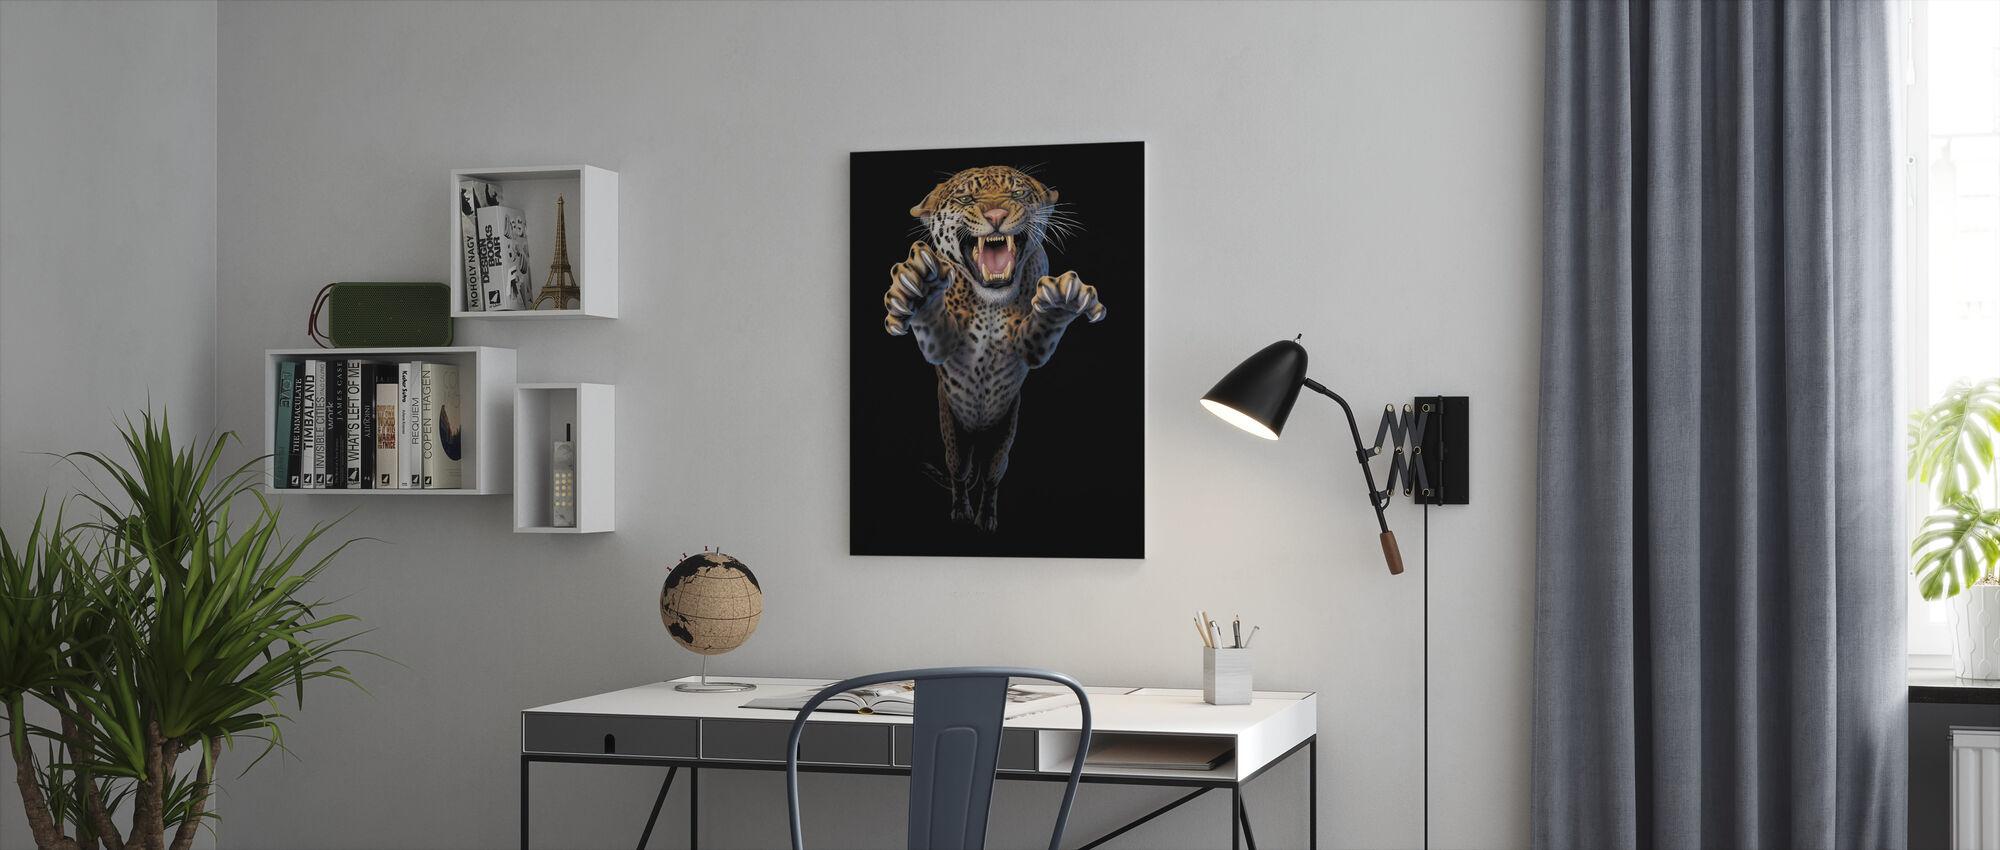 Loping Leopardi - Canvastaulu - Toimisto